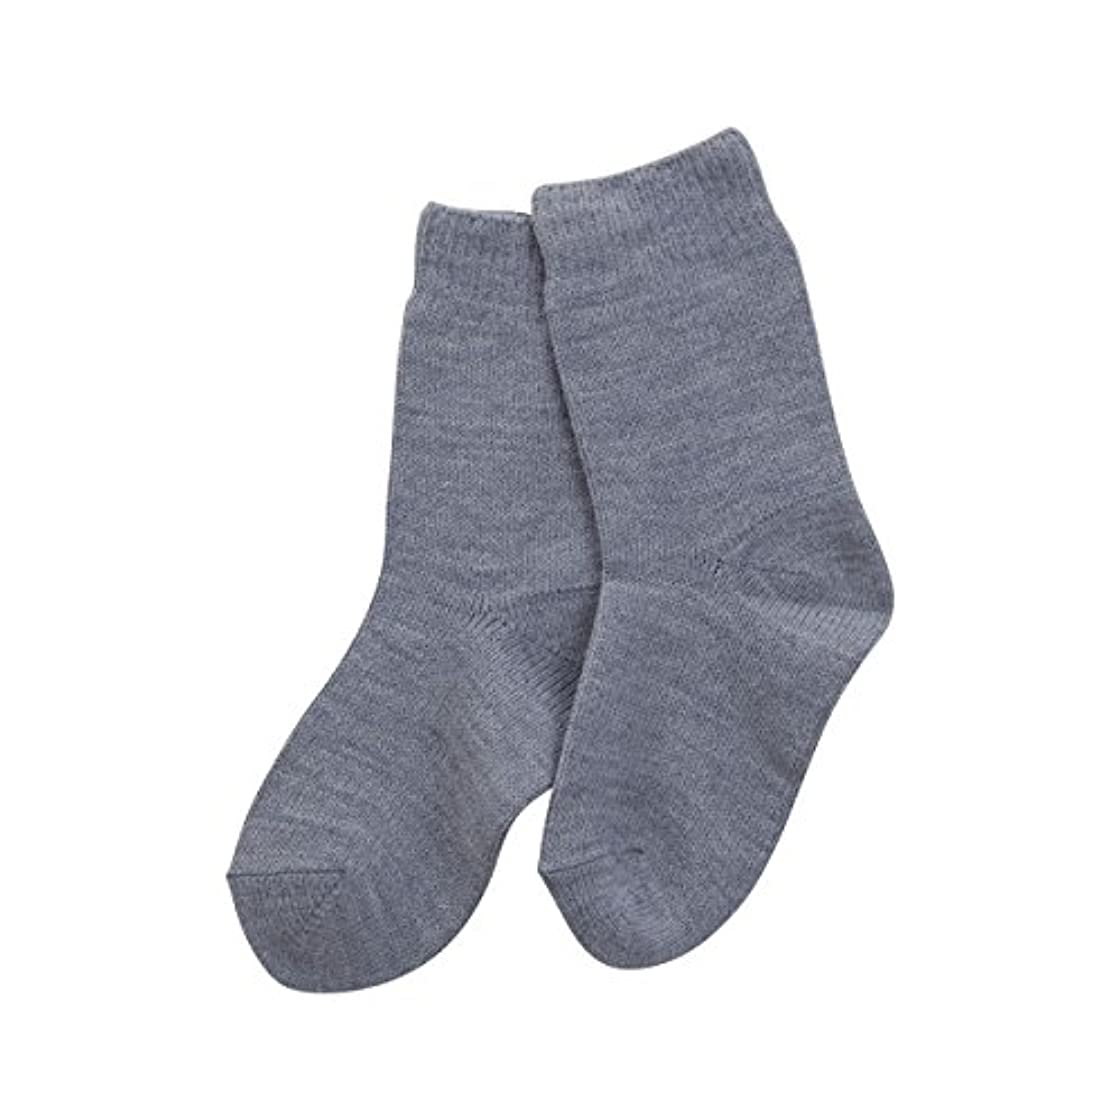 聖職者癒す非常に(コベス) KOBES ゴムなし 毛混 超ゆったり特大サイズ 大きいサイズ 靴下 日本製 婦人靴下